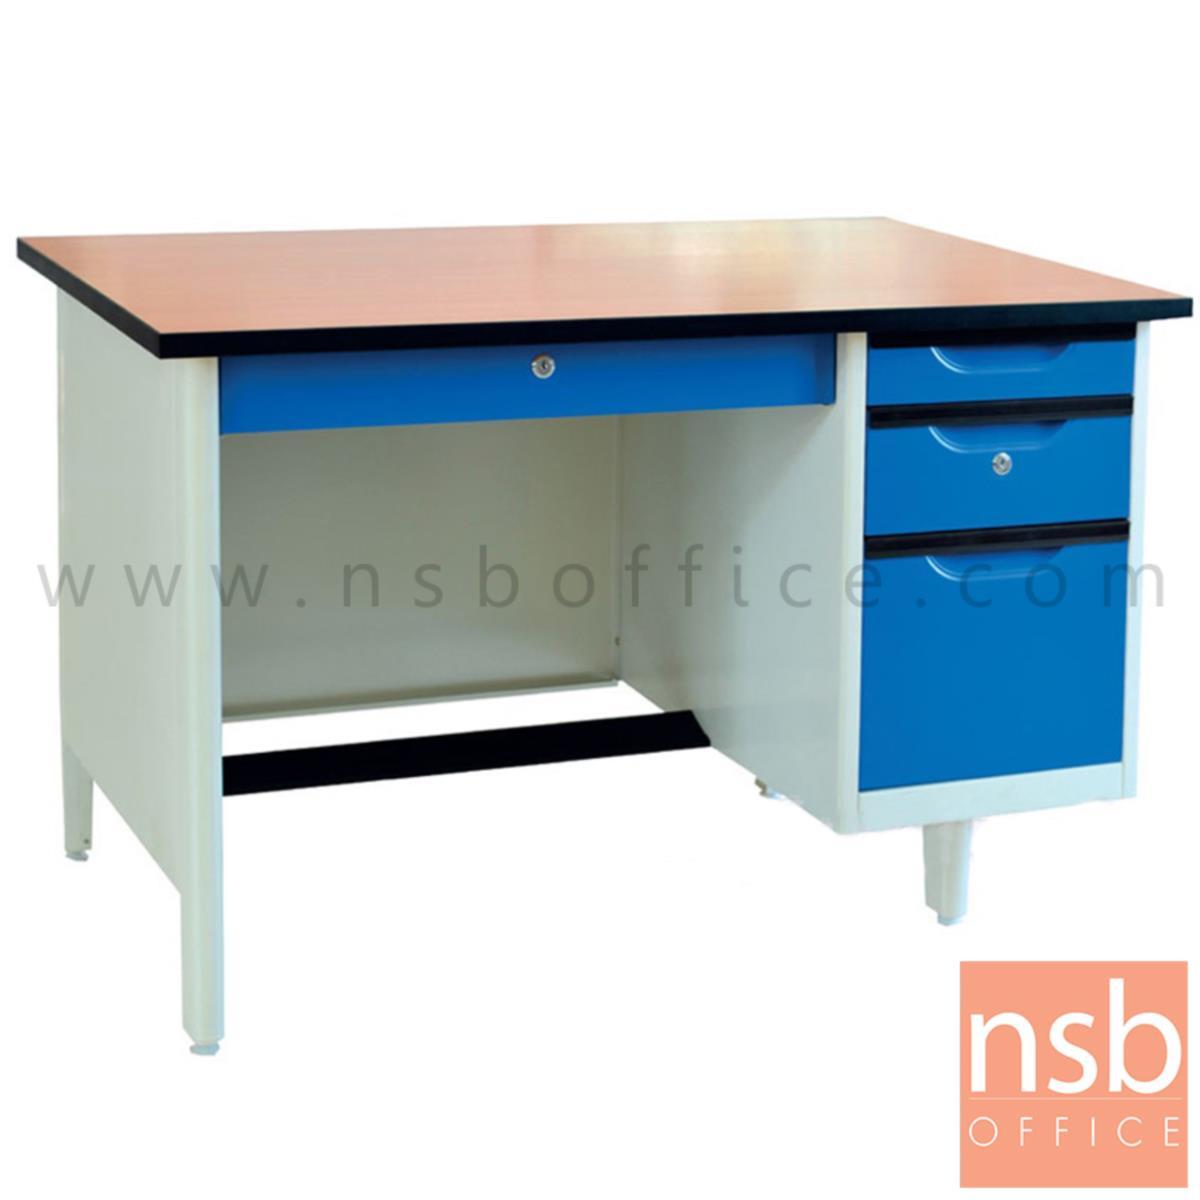 โต๊ะทำงานเหล็กหน้า TOP ไม้เมลามีน 4 ลิ้นชัก รุ่น EL-TW ขนาด 3 ,3.5 ,4 ฟุต